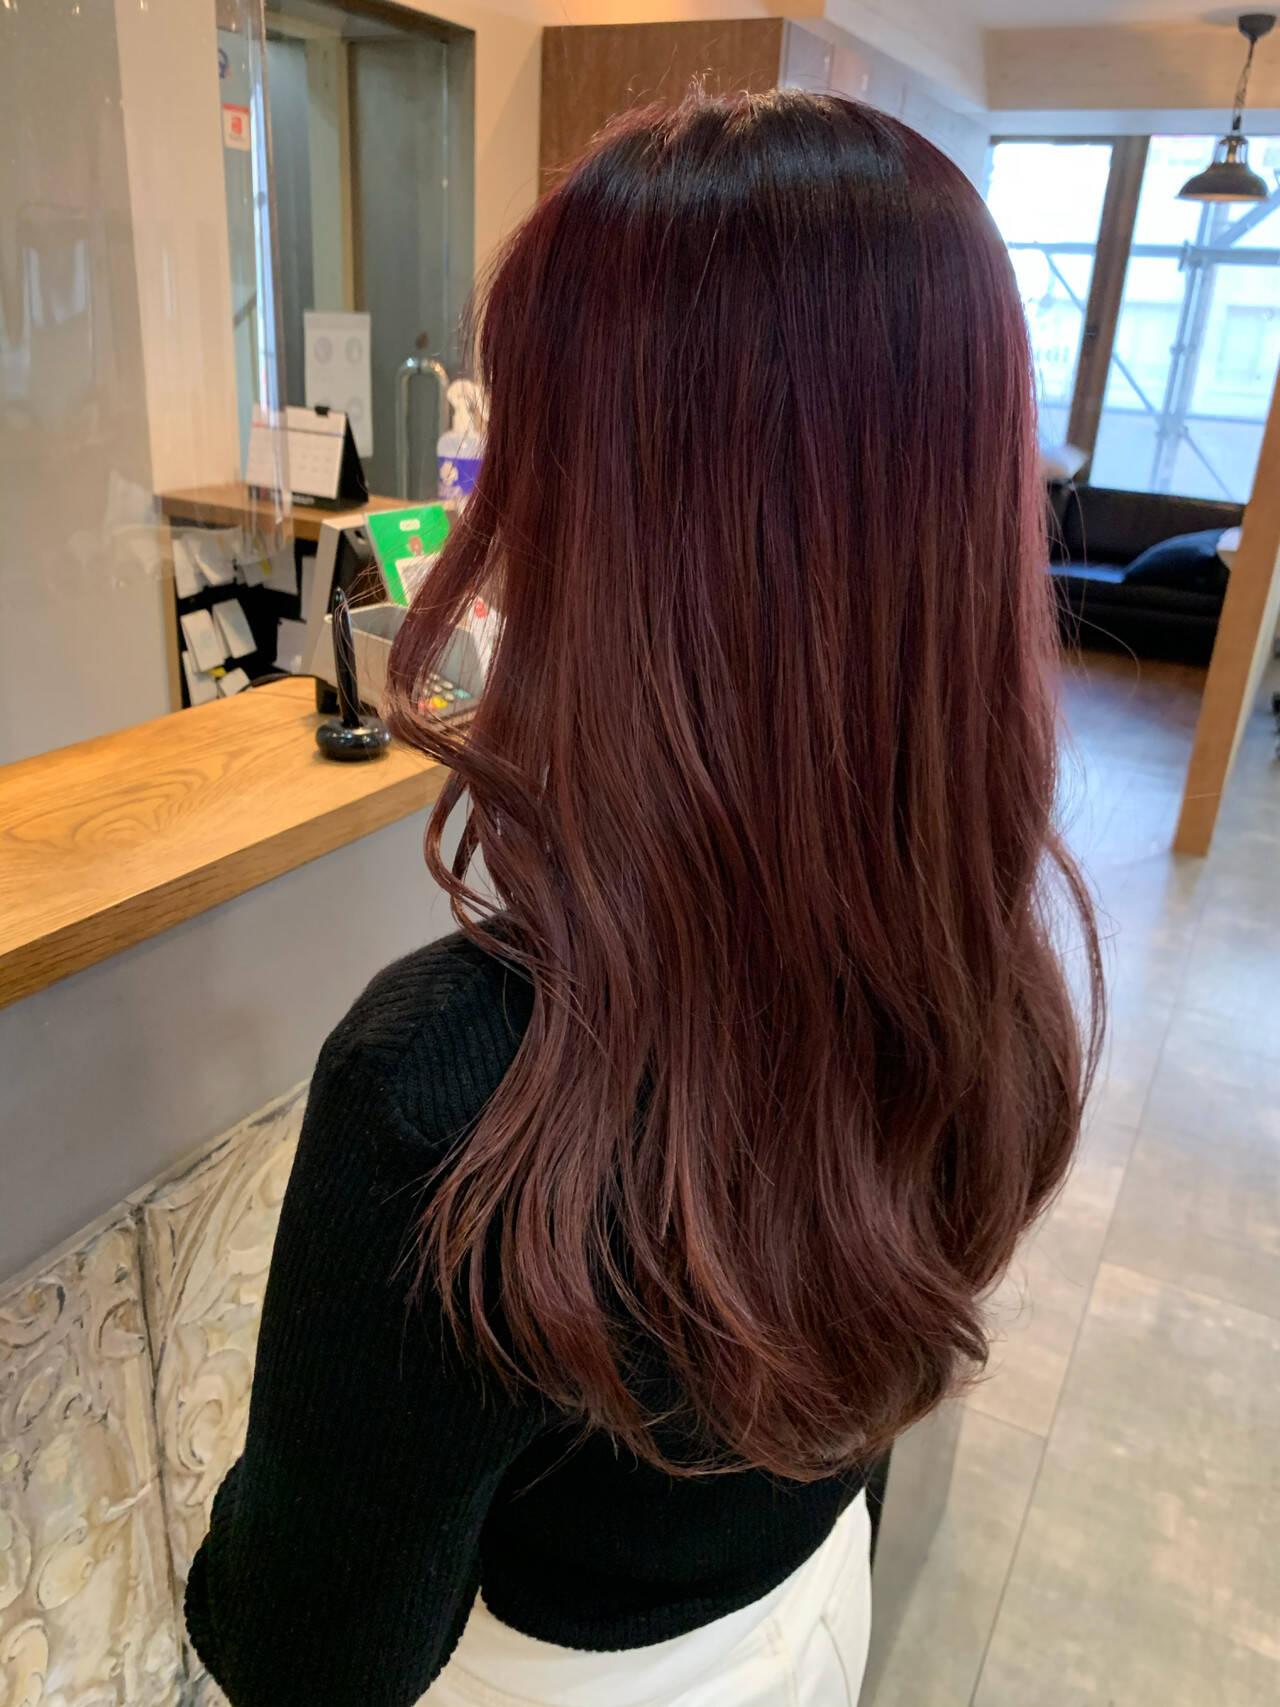 ダブルカラー ベリーピンク ブリーチ必須 韓国ヘアヘアスタイルや髪型の写真・画像